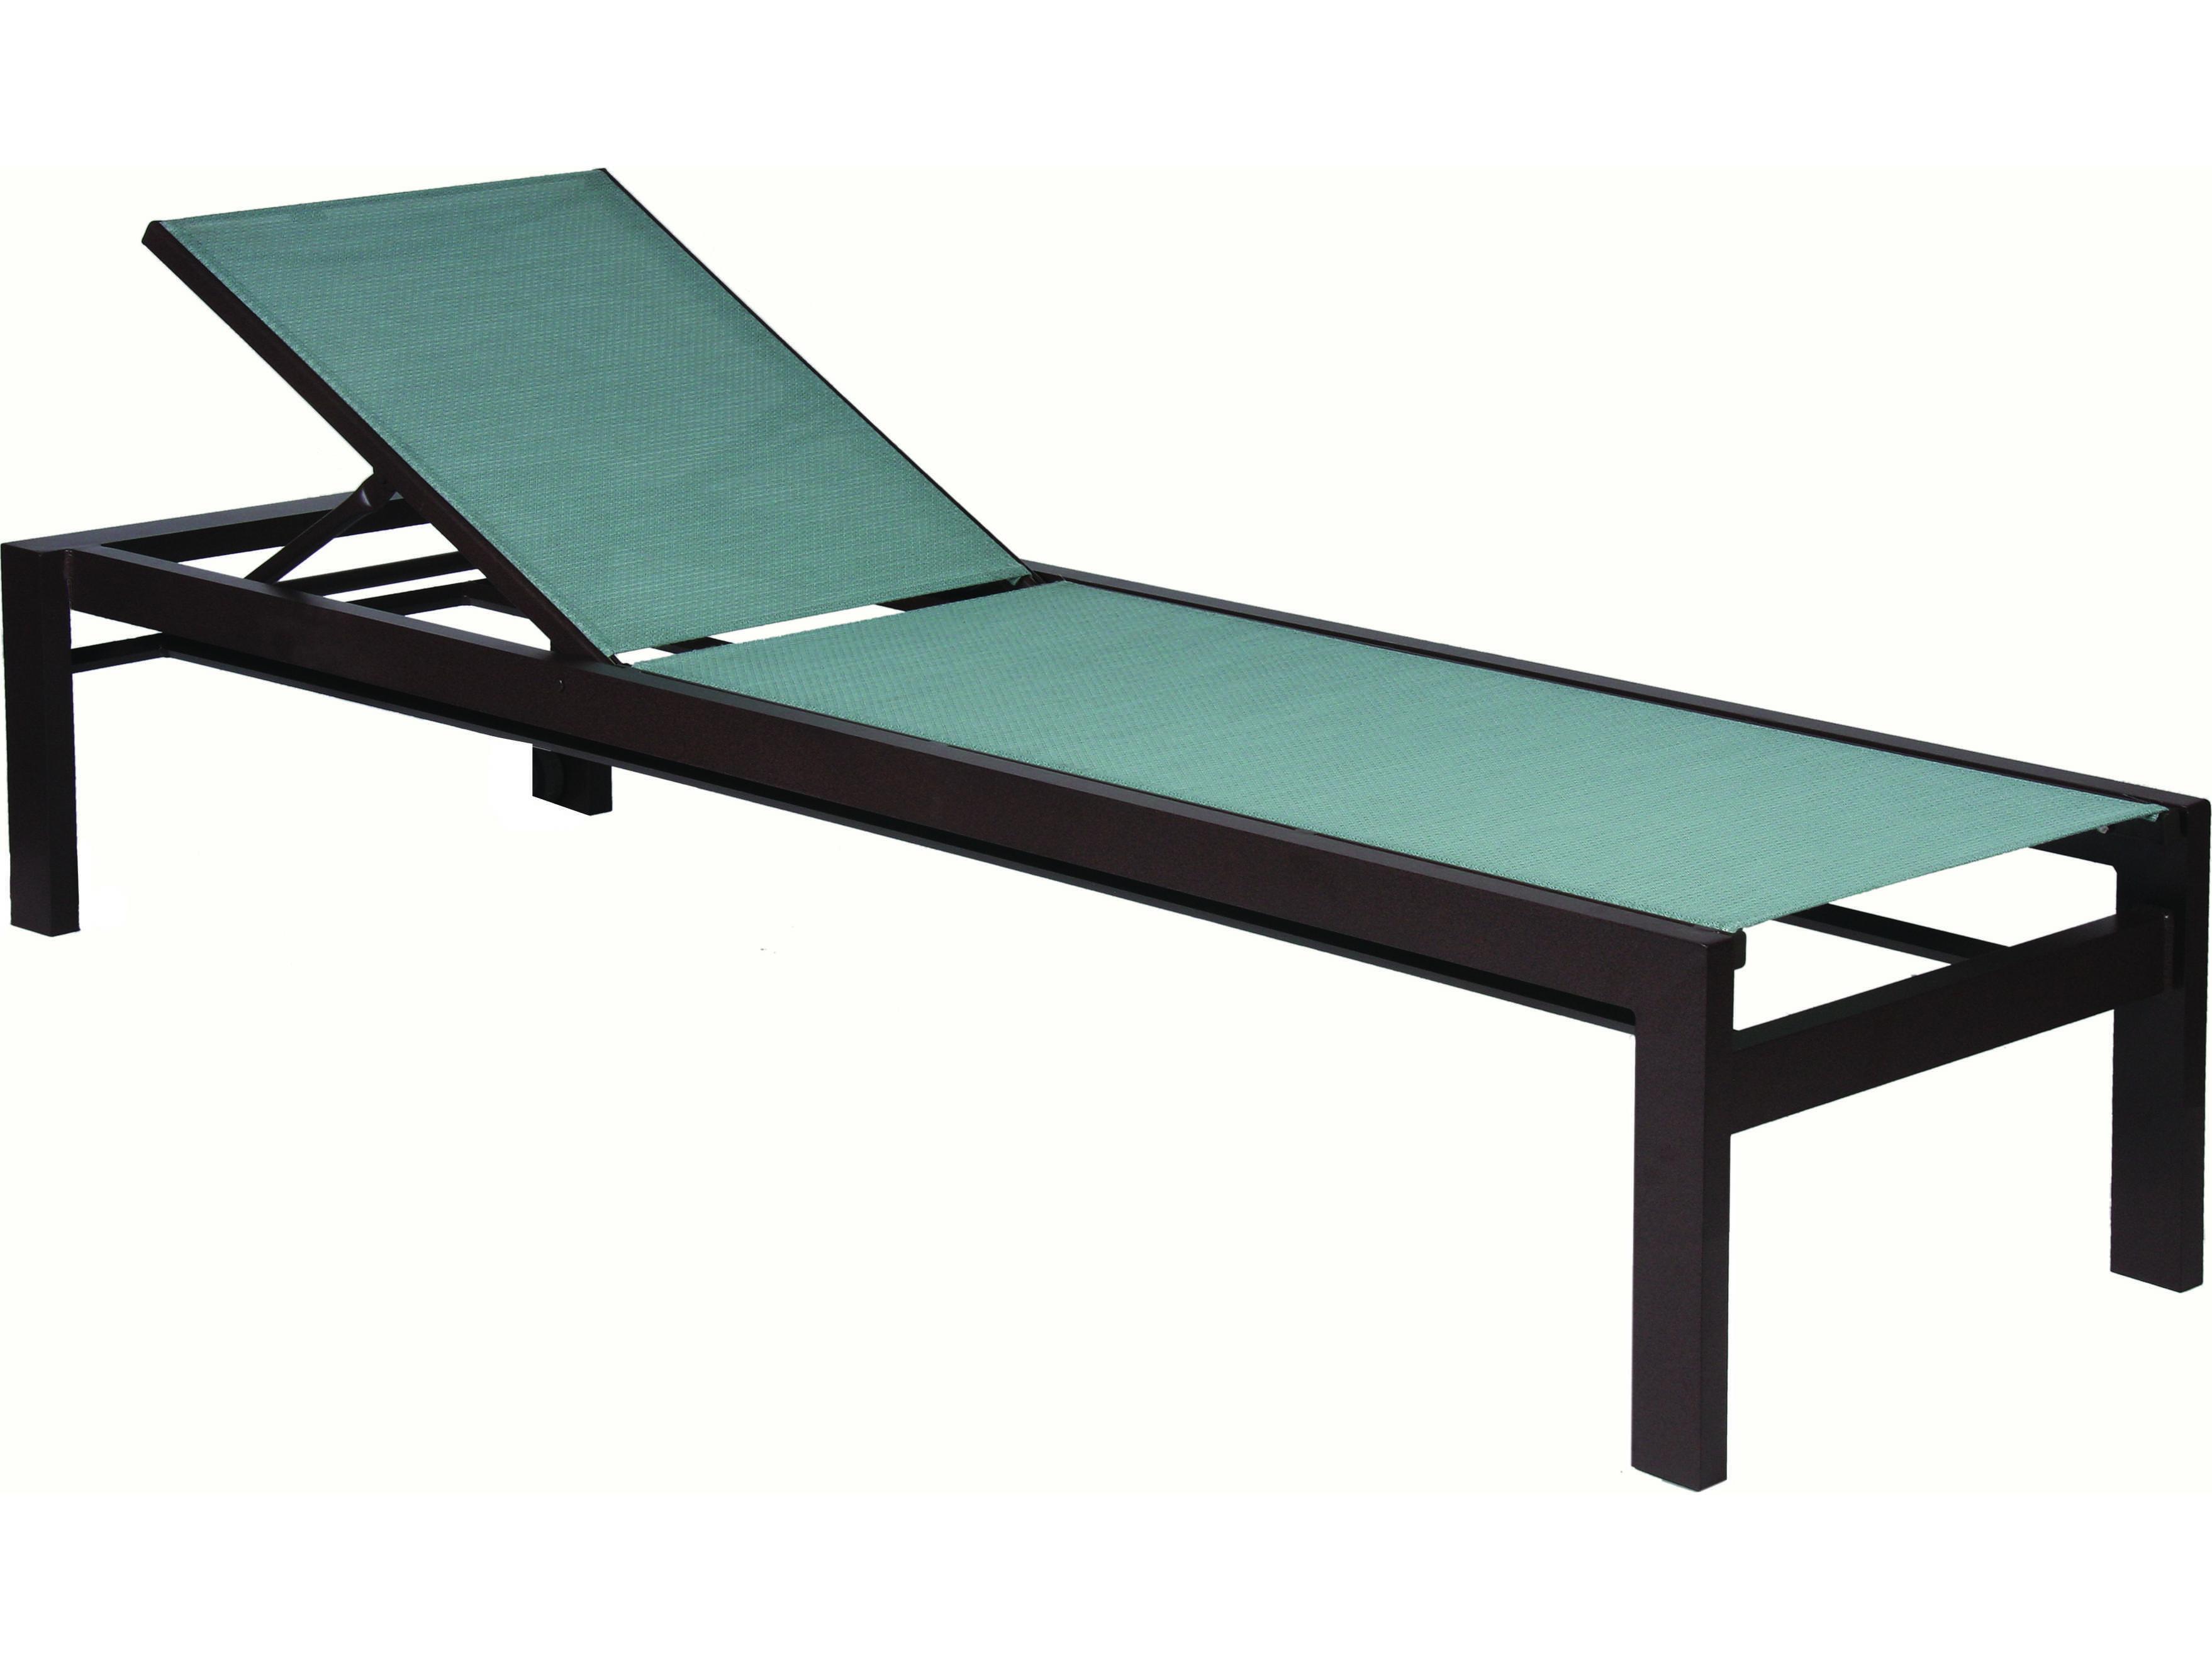 Suncoast vectra bold slng cast aluminum chaise lounge e494 for Chaise longue aluminium